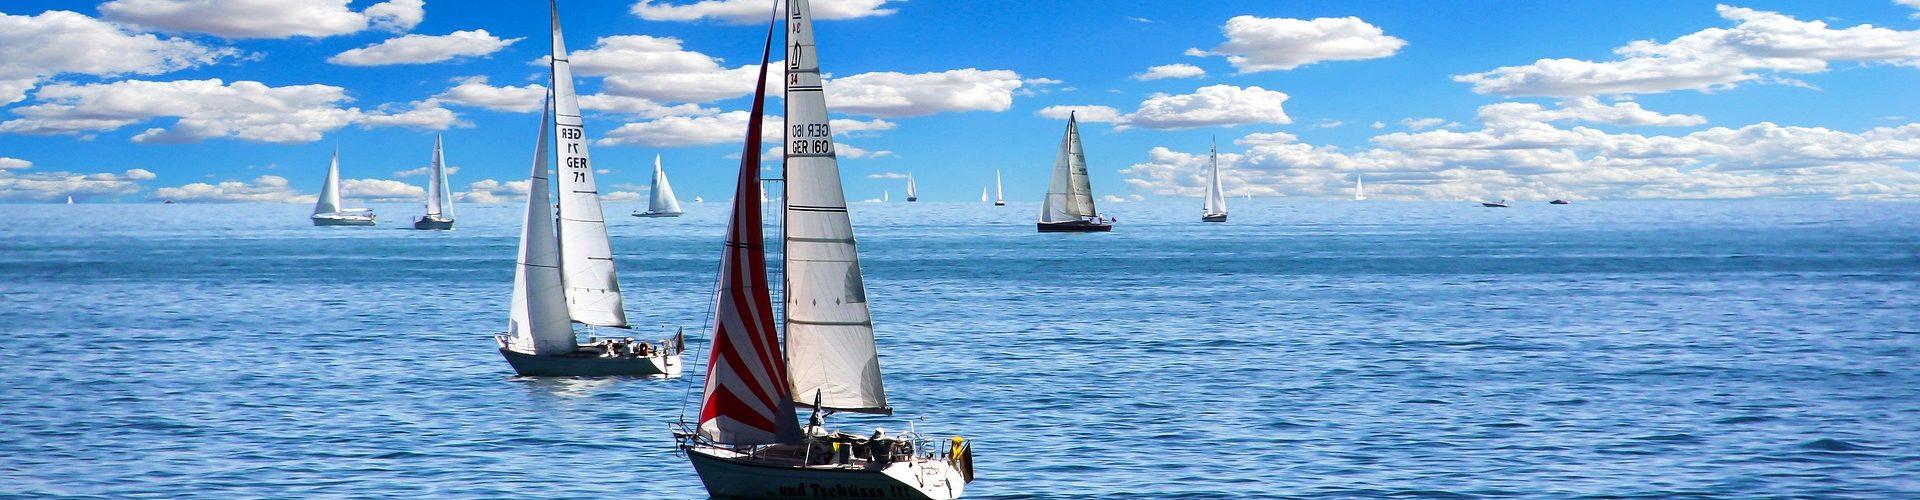 segeln lernen in Spremberg segelschein machen in Spremberg 1920x500 - Segeln lernen in Spremberg